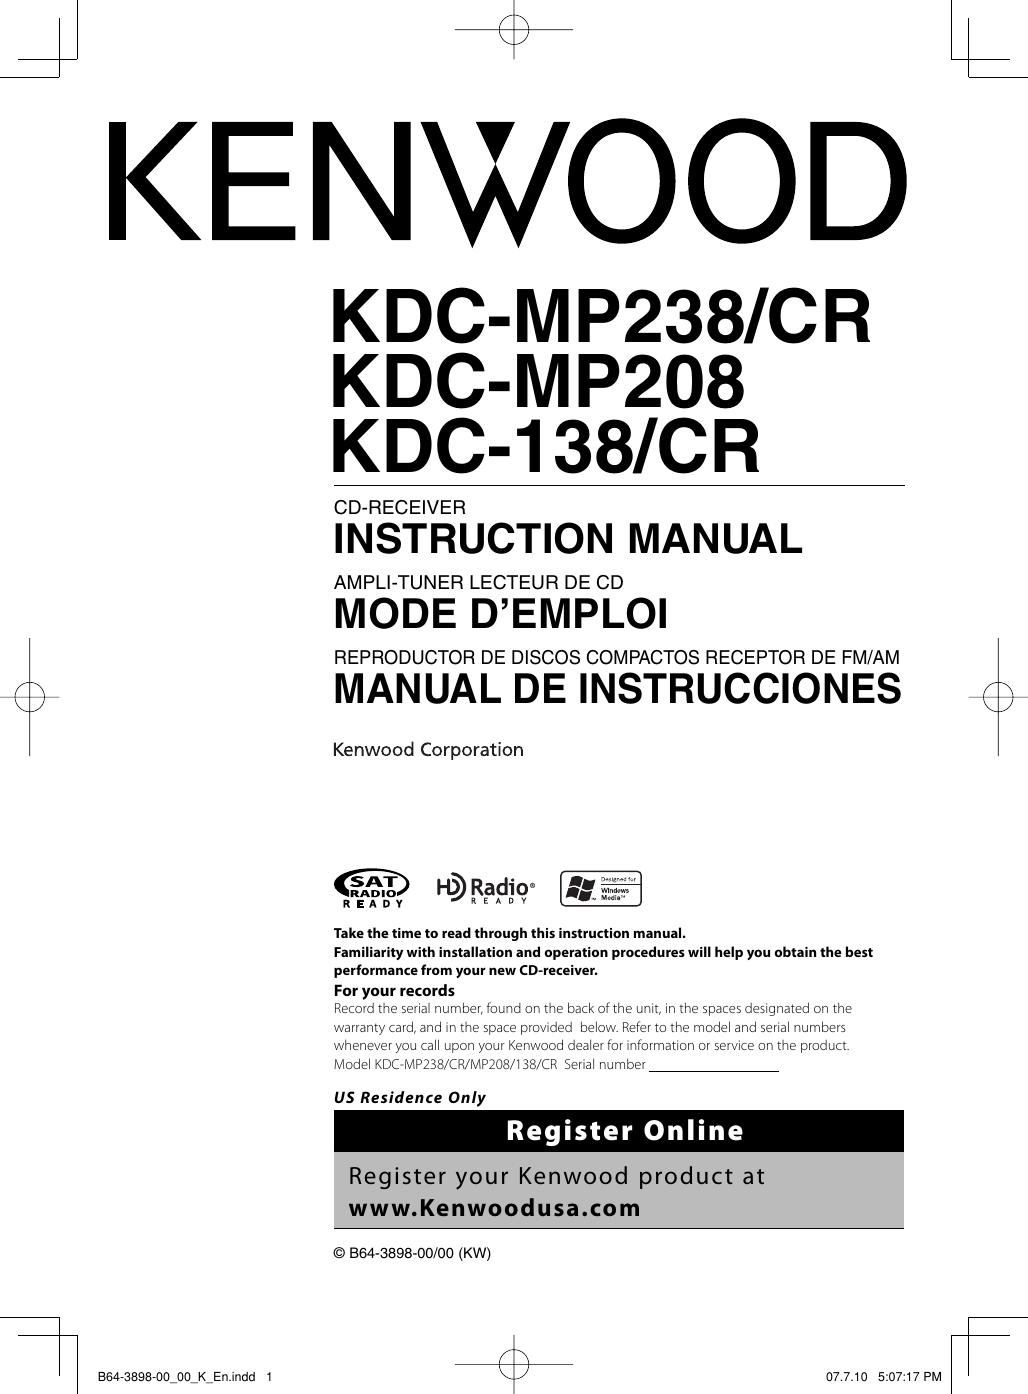 Kenwood Kdc Manual